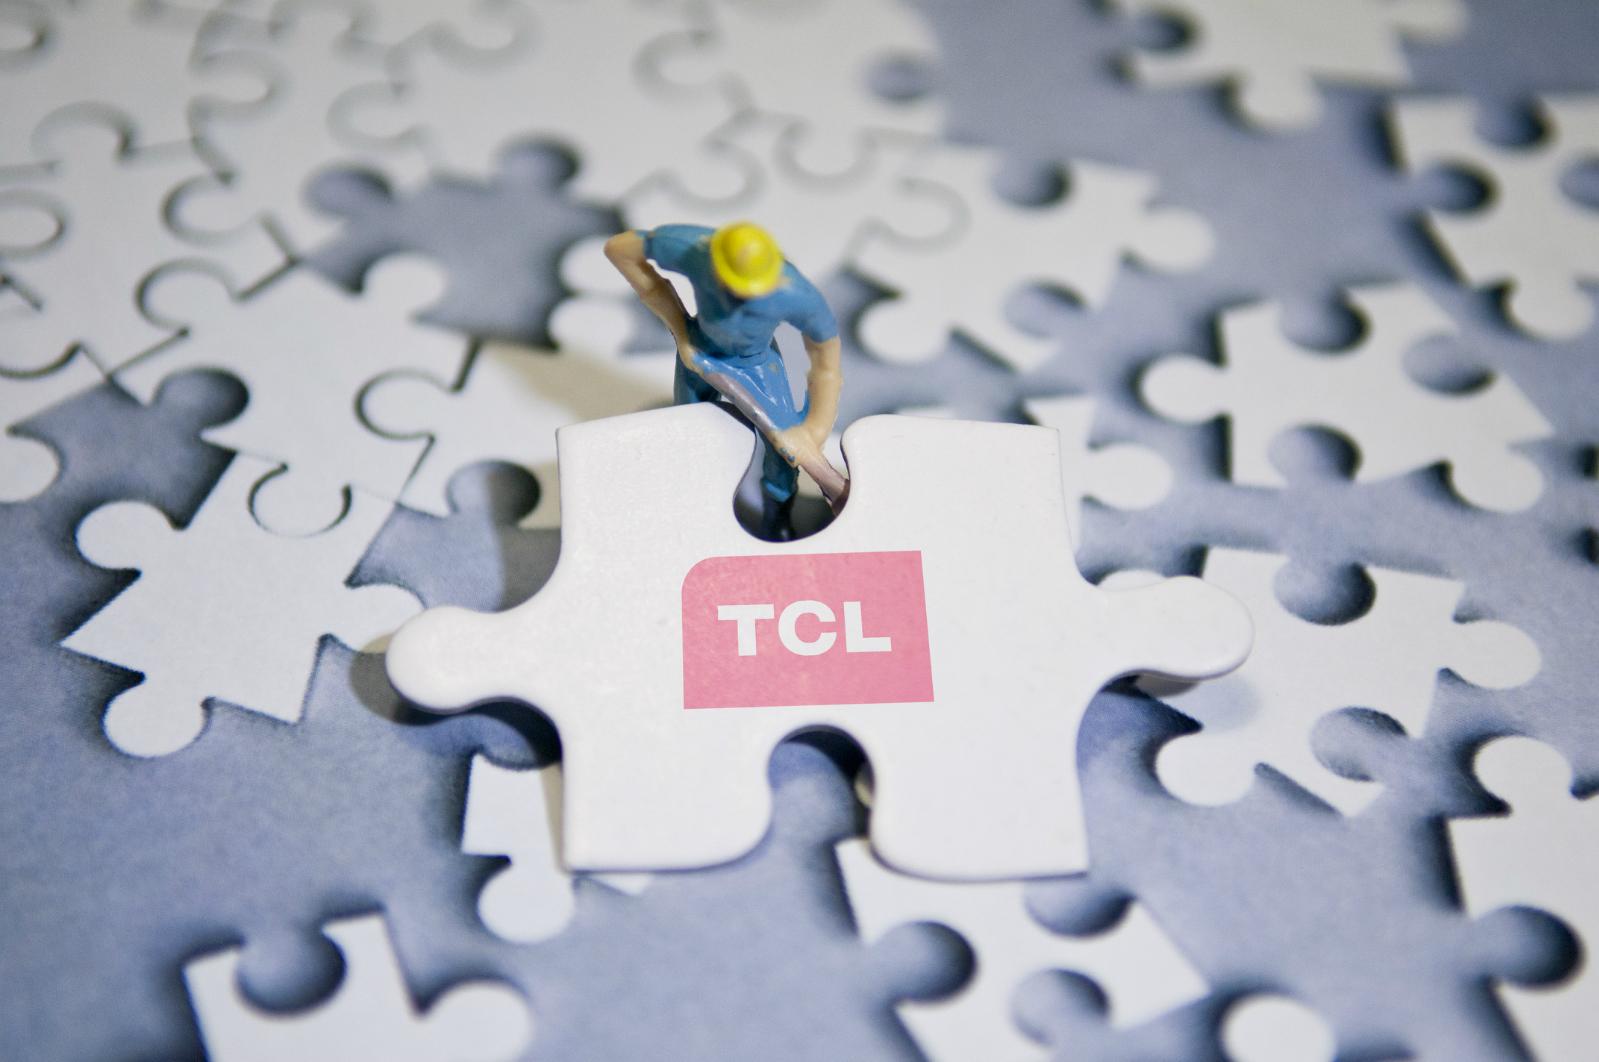 """TCL""""断臂""""重组暂未显成效,2000亿营收目标难达成"""